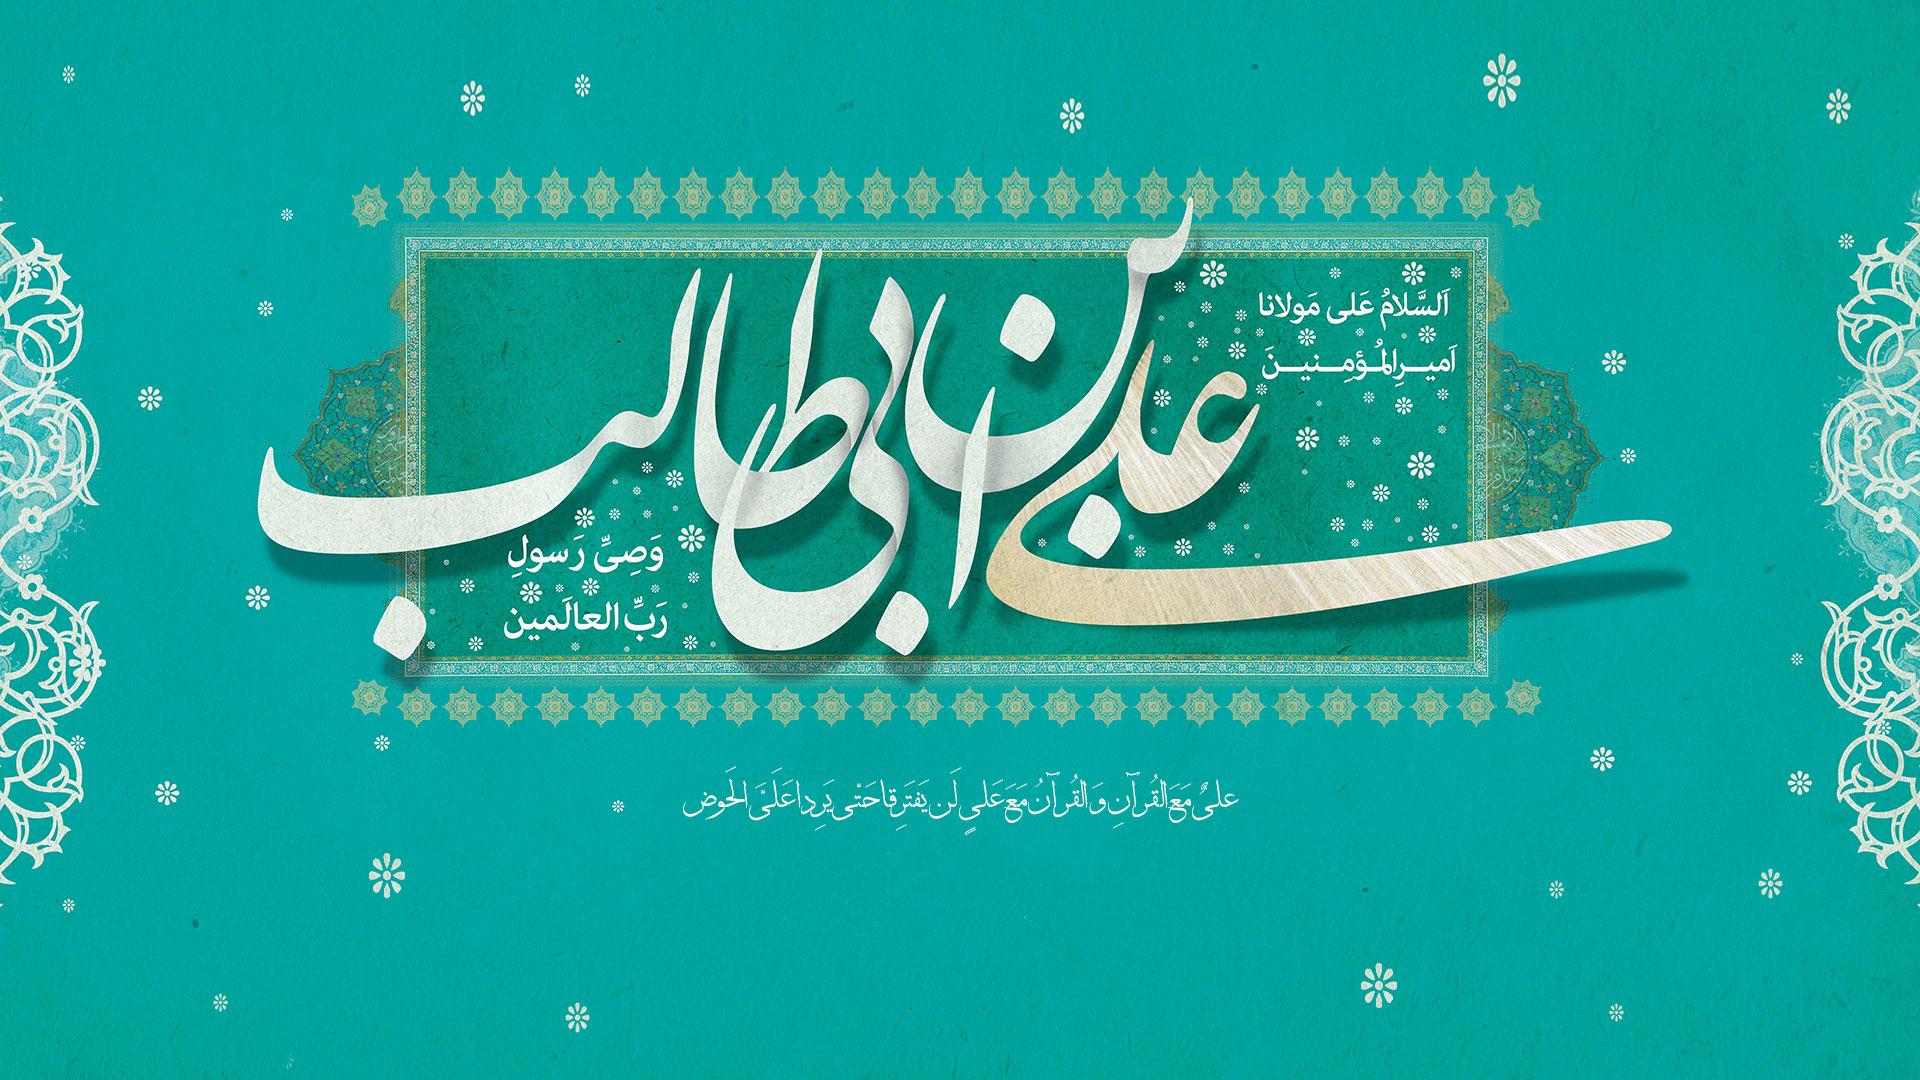 Manifestacije ličnosti Imam Alija, a.s., s duhovnog i moralnog gledišta